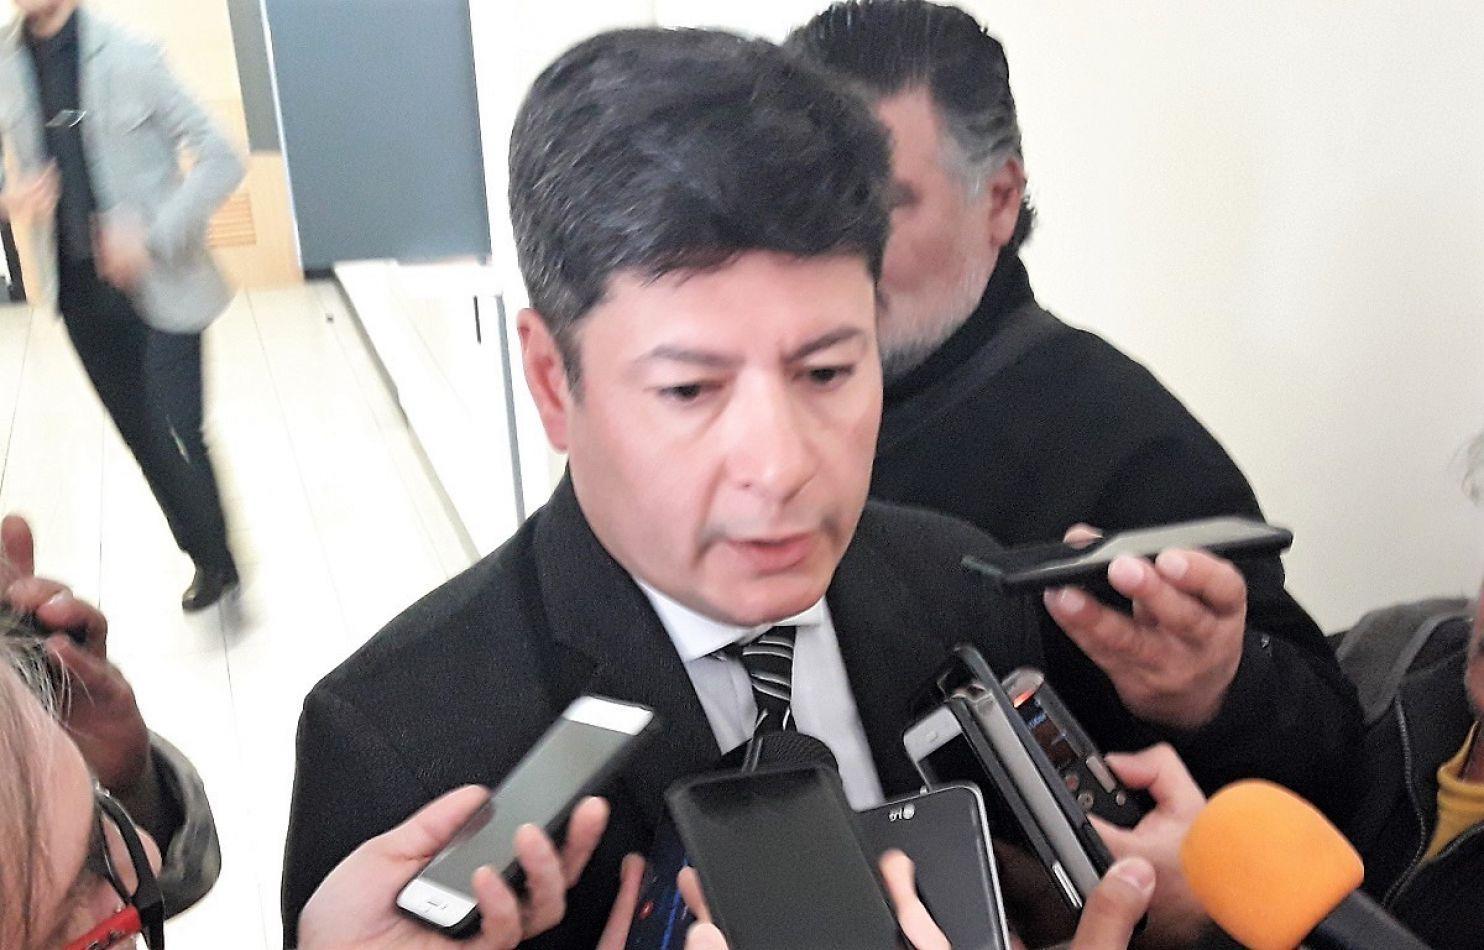 El Dr. Francisco Ibarra brindó declaraciones luego de conocida la decisión del Juez Raúl Sahade.